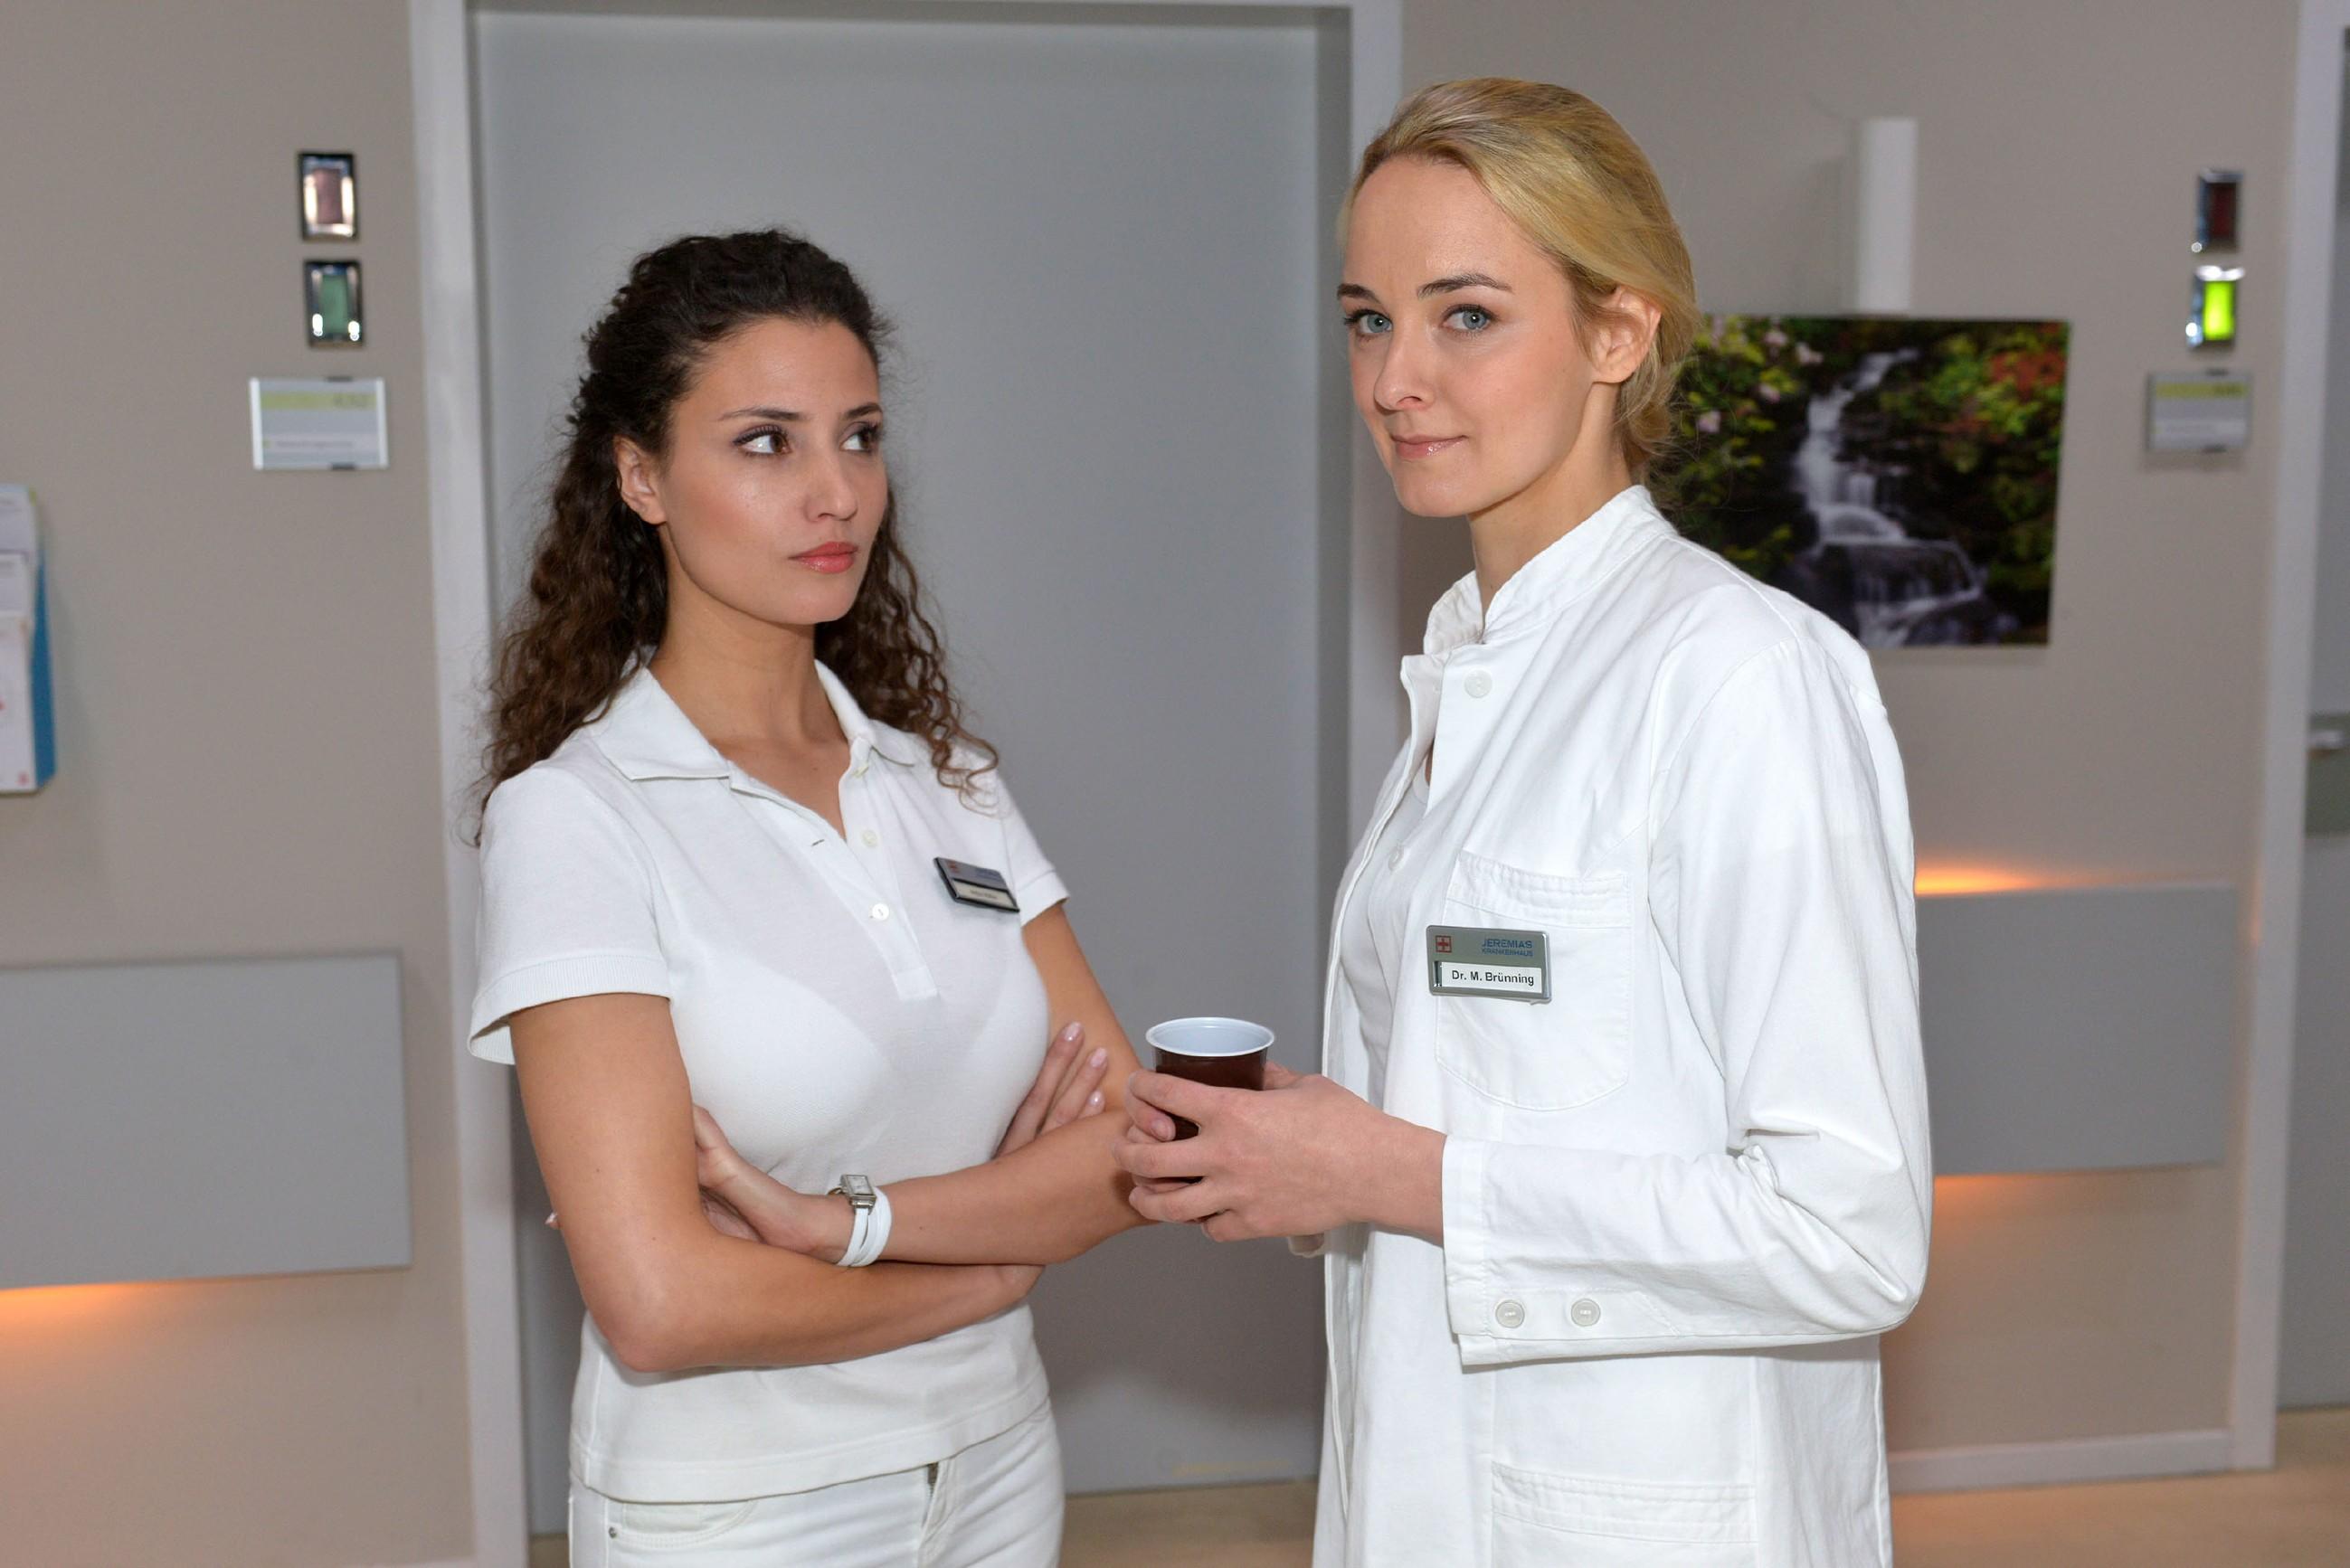 Als Ayla (Nadine Menz, l.) merkt, dass Maja (Anne Catrin Märzke) ein Auge auf David geworfen hat, kocht unerwartet Eifersucht in ihr hoch... (Quelle: RTL / Rolf Baumgartner)